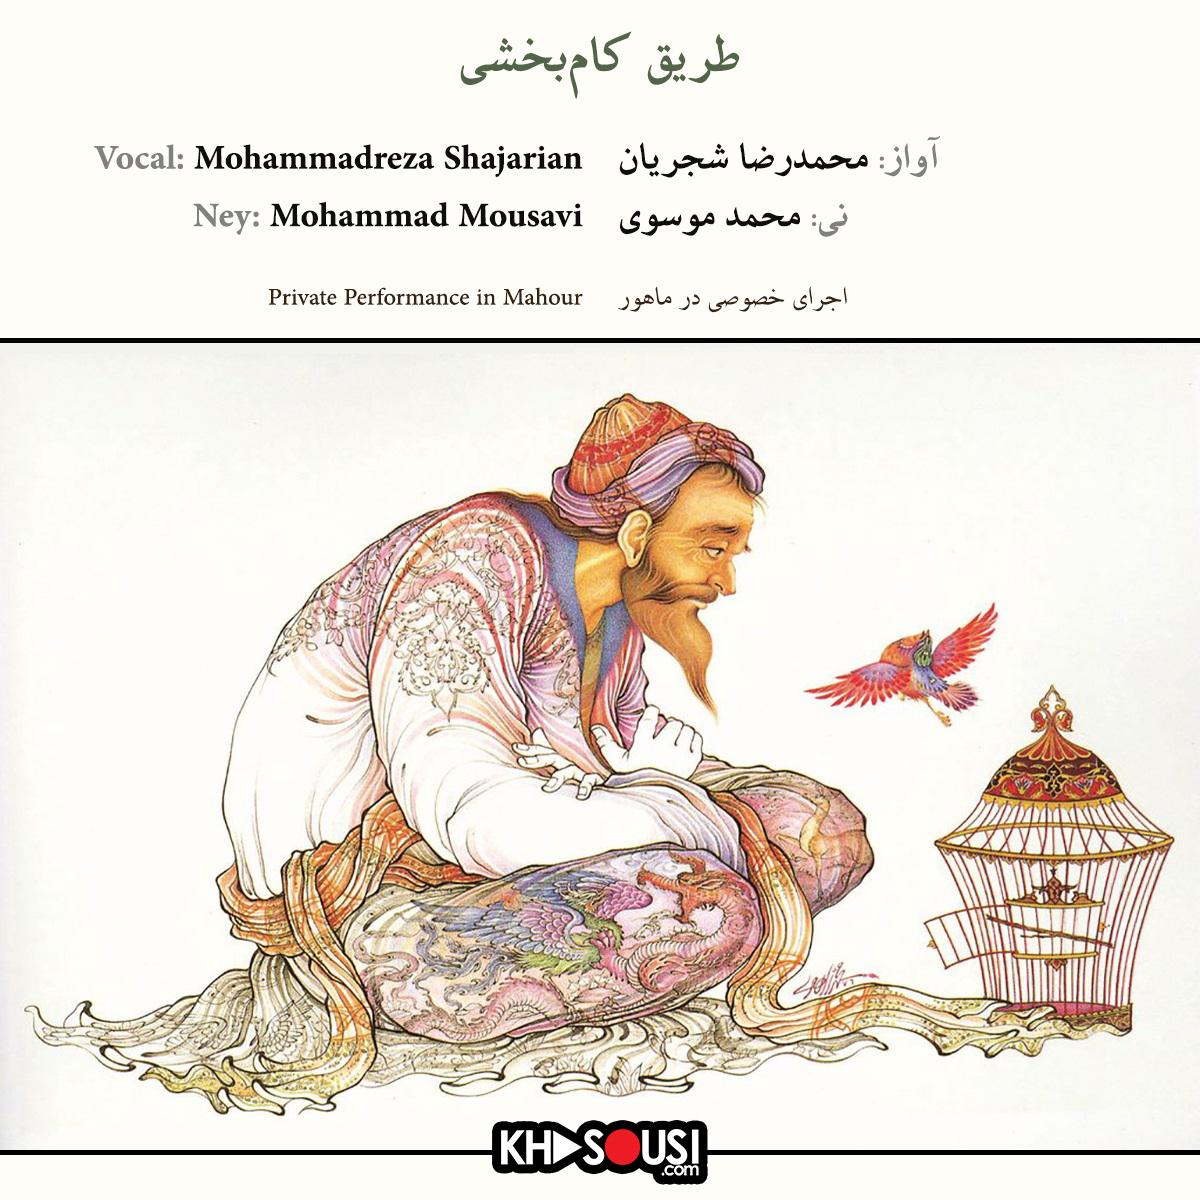 طریق کامبخشی - اجرای خصوصی محمدرضا شجریان و محمد موسوی